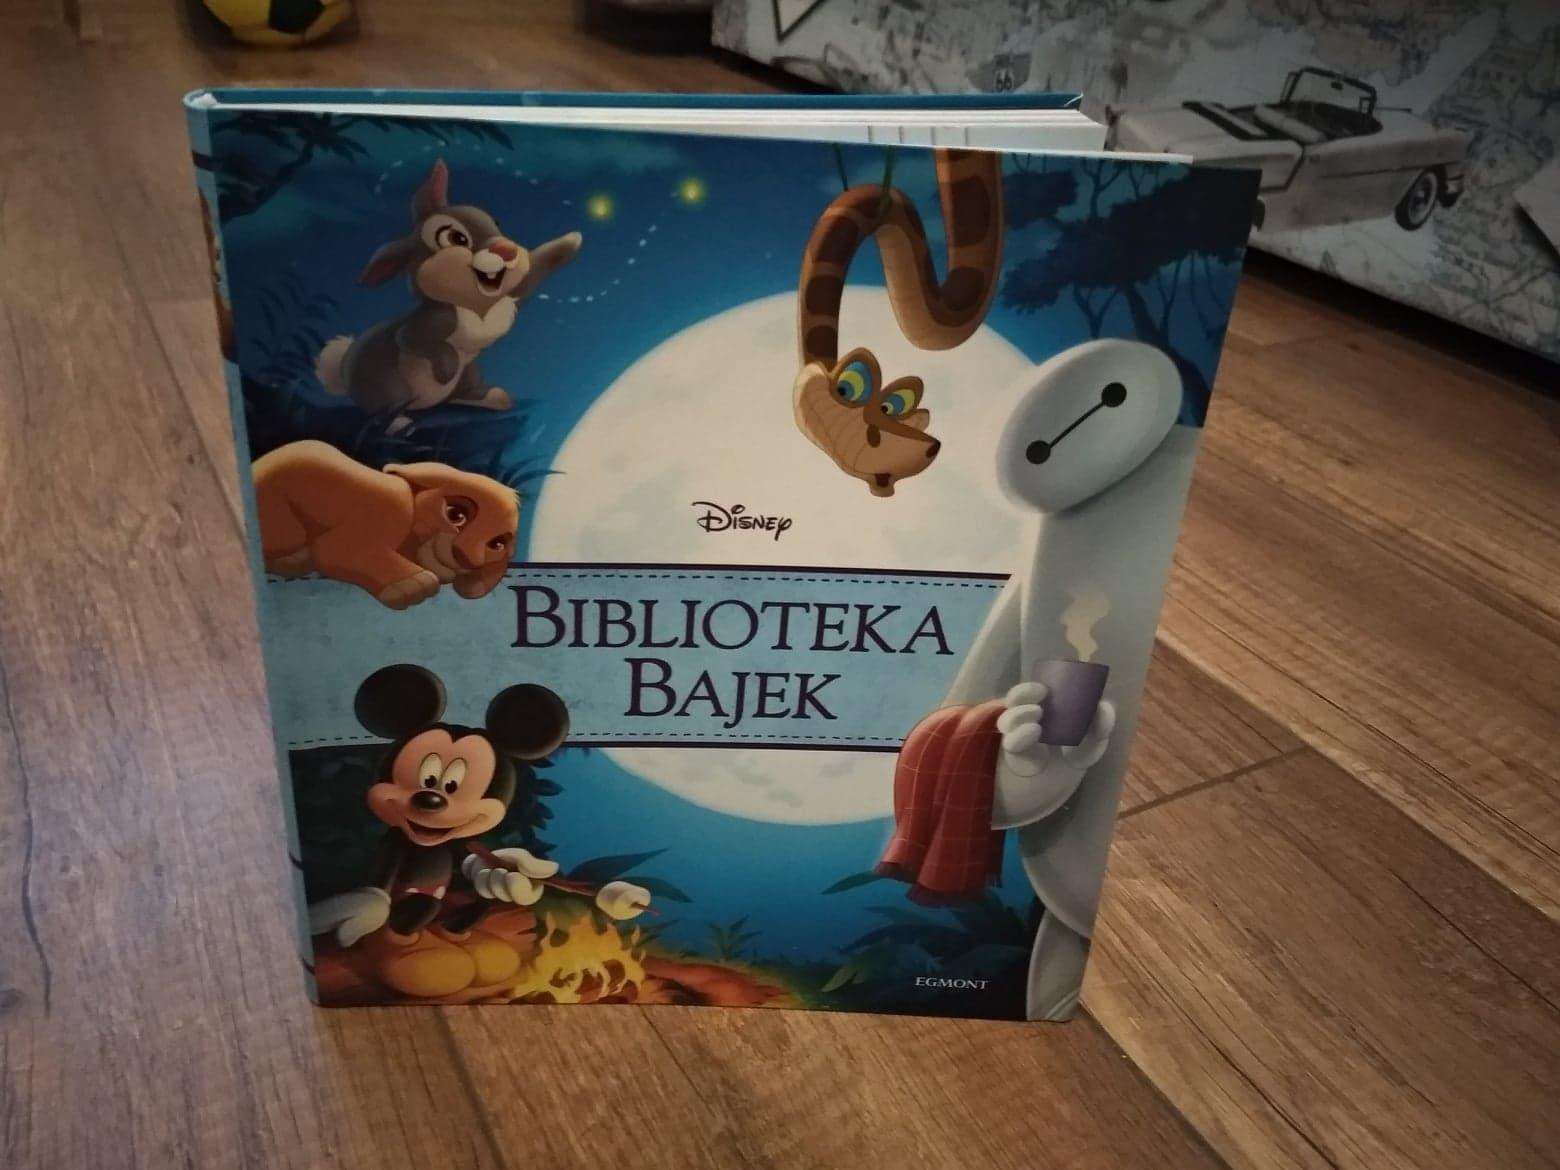 książki zapewniające spokojny sen dziecka